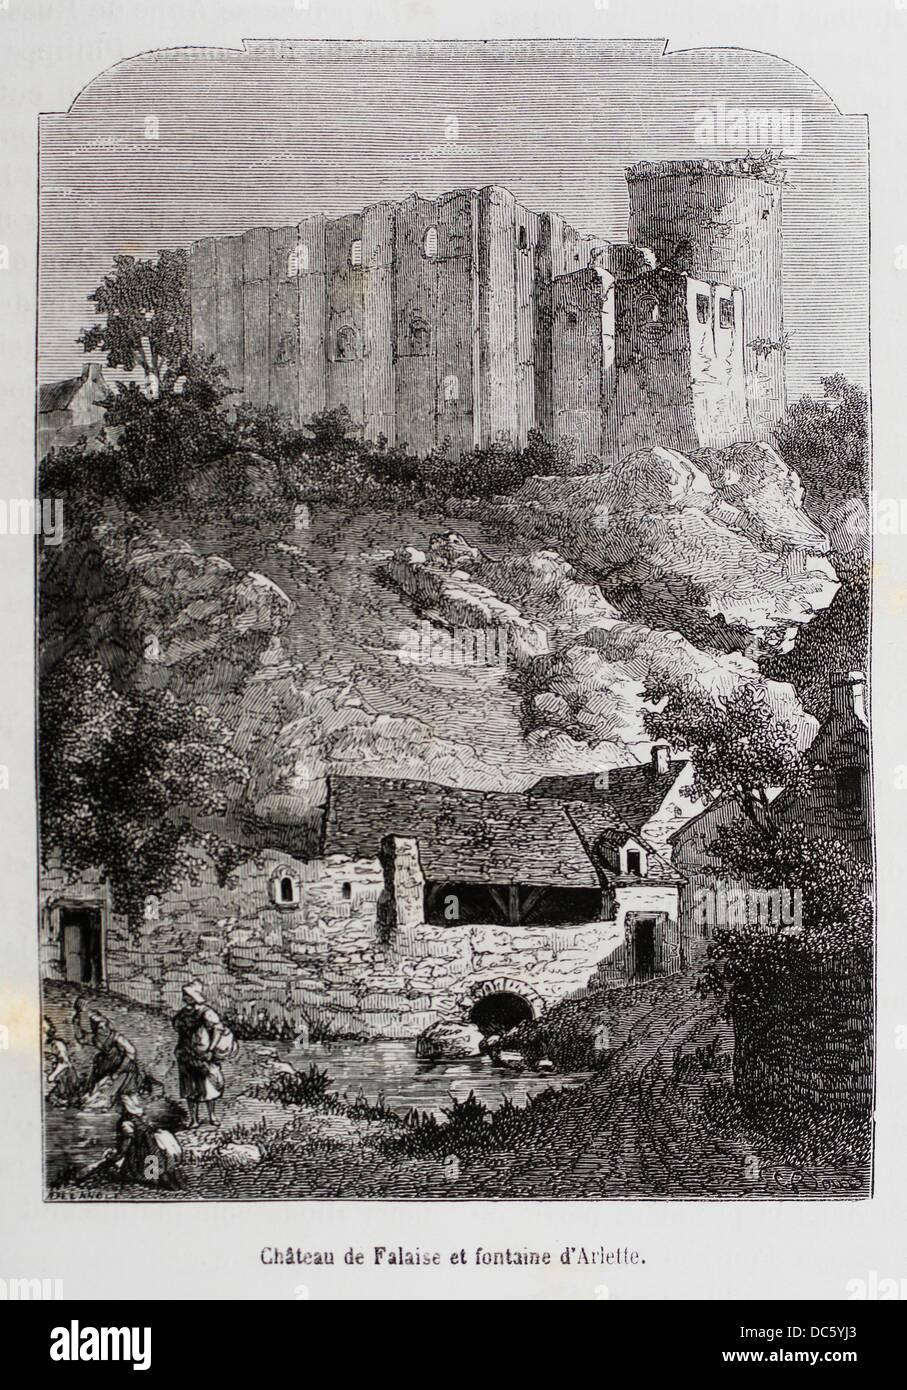 France-History- ´ Château de Falaise et fontaine d´Arlette ´- The Château de Falaise is - Stock Image